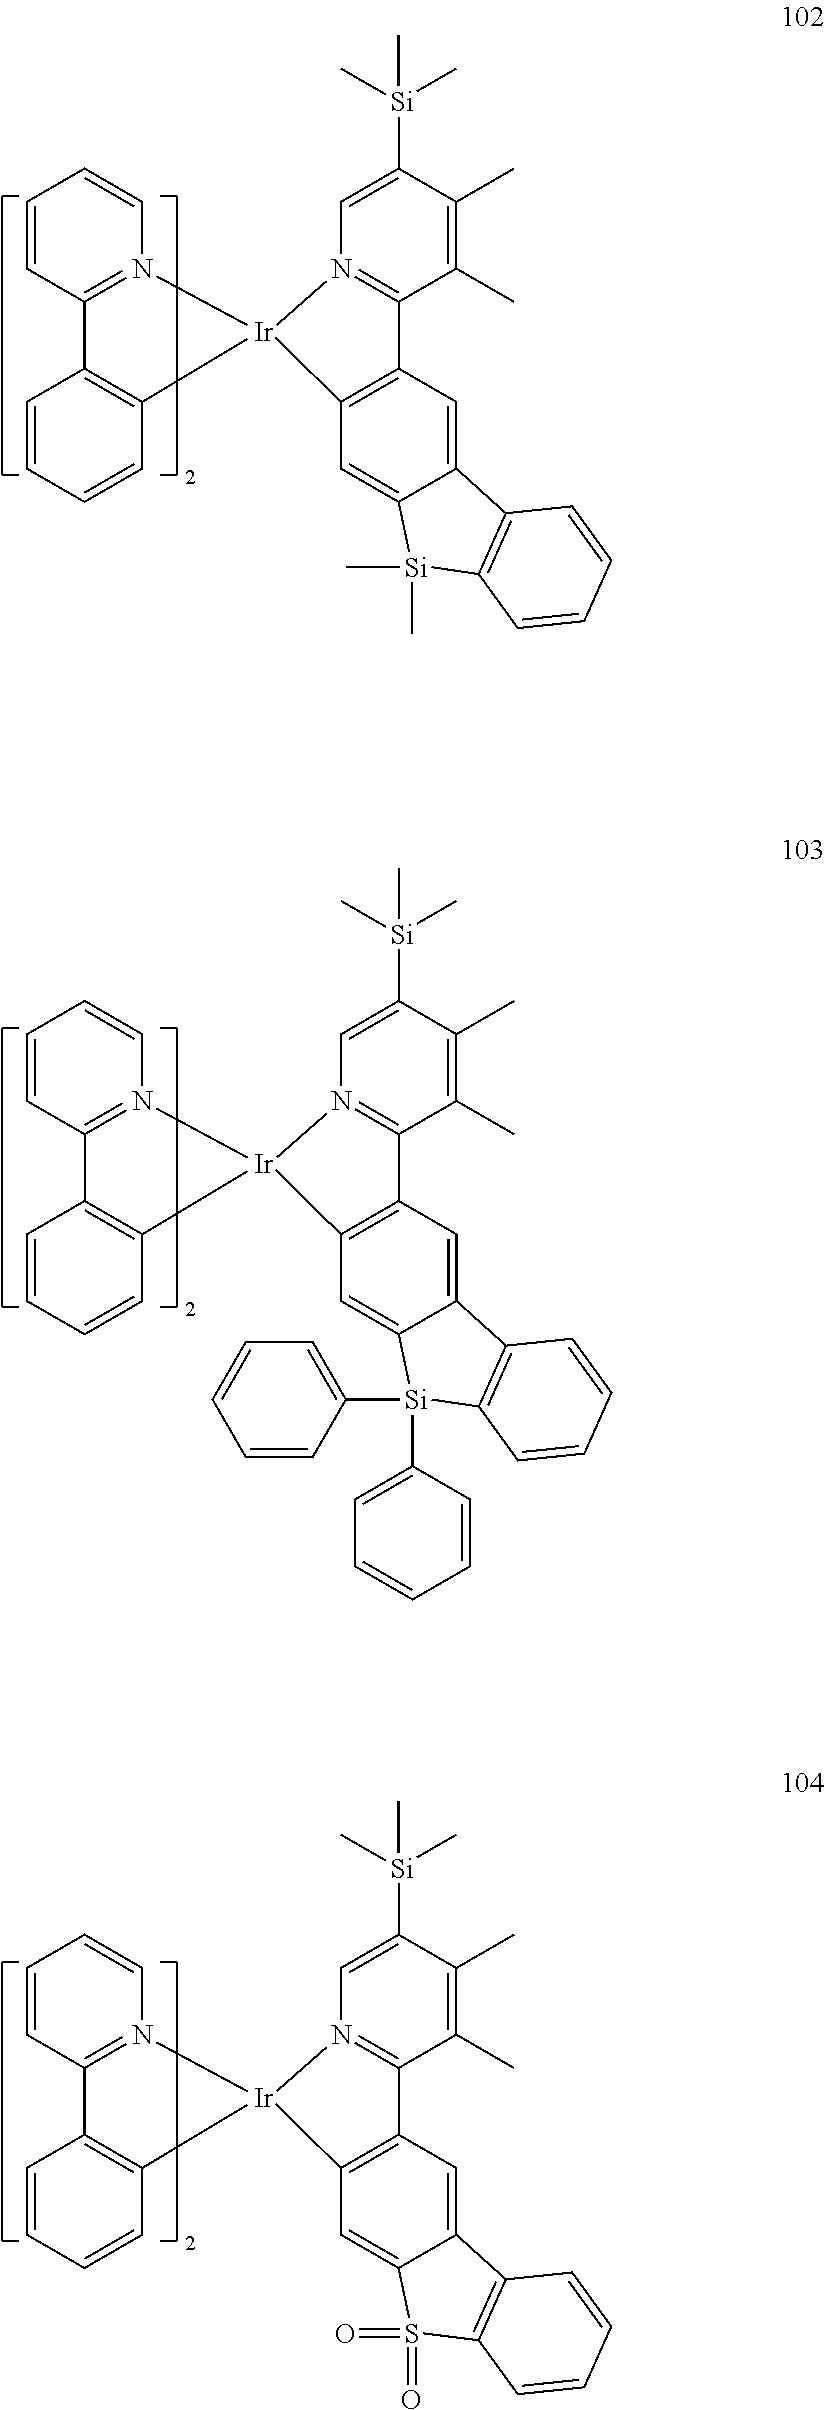 Figure US20160155962A1-20160602-C00088